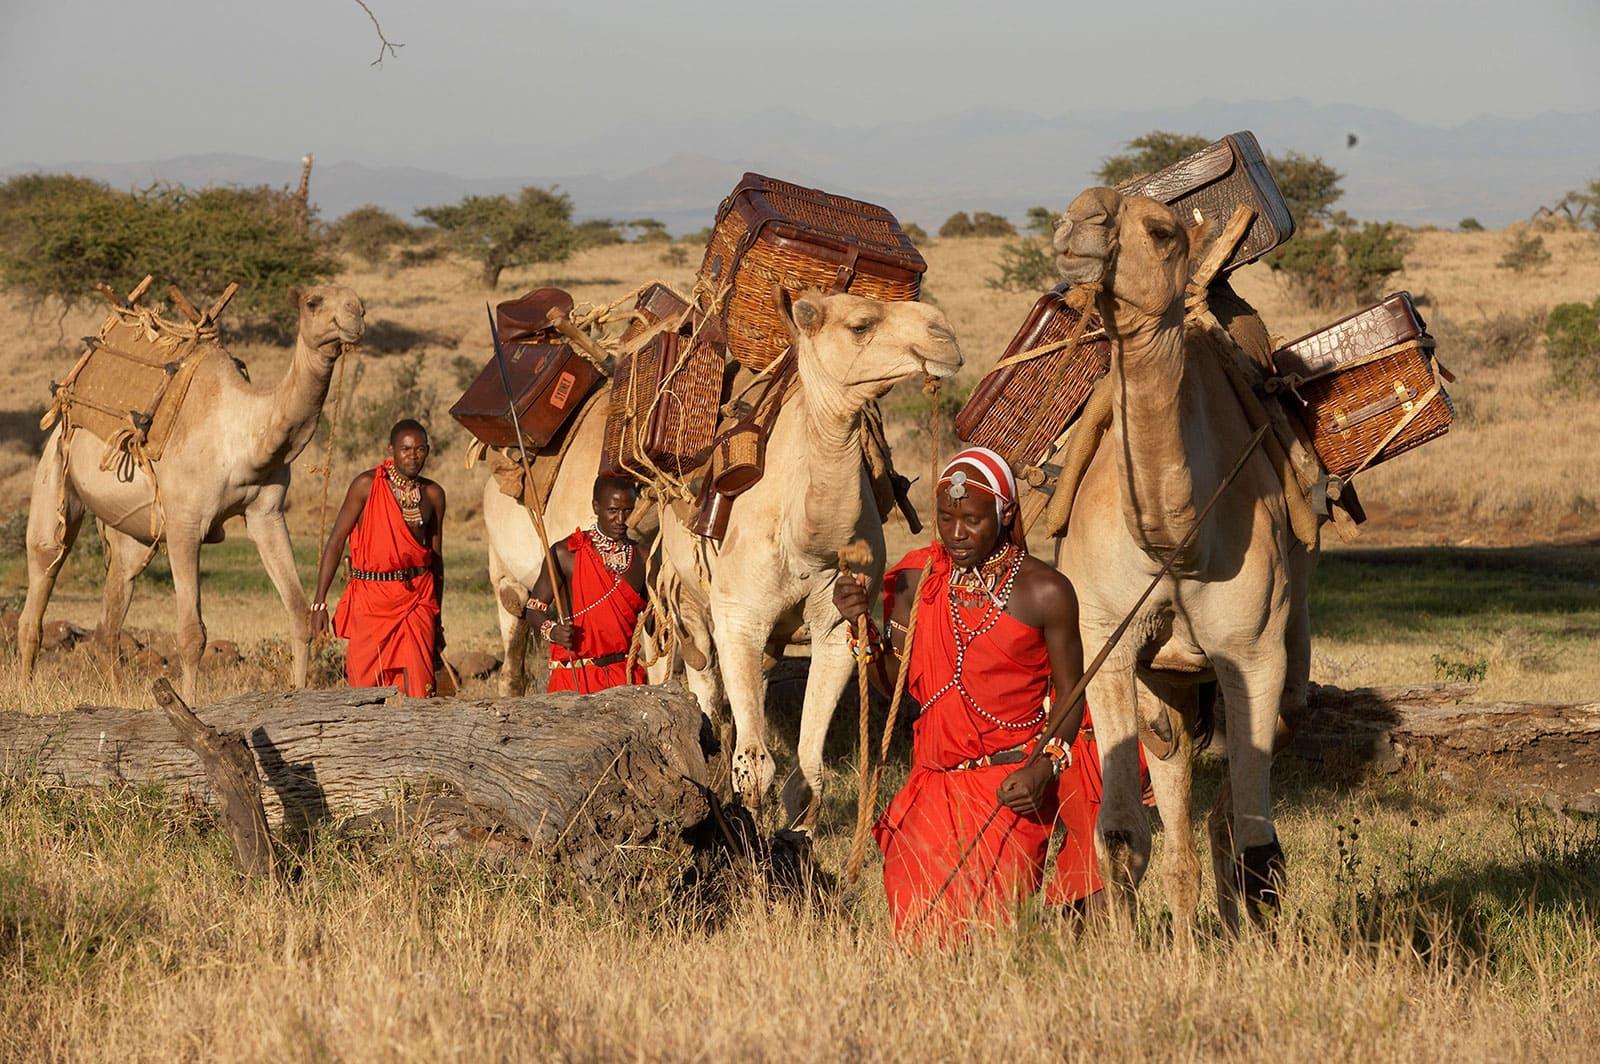 Kenya Intrepid Safari with camels